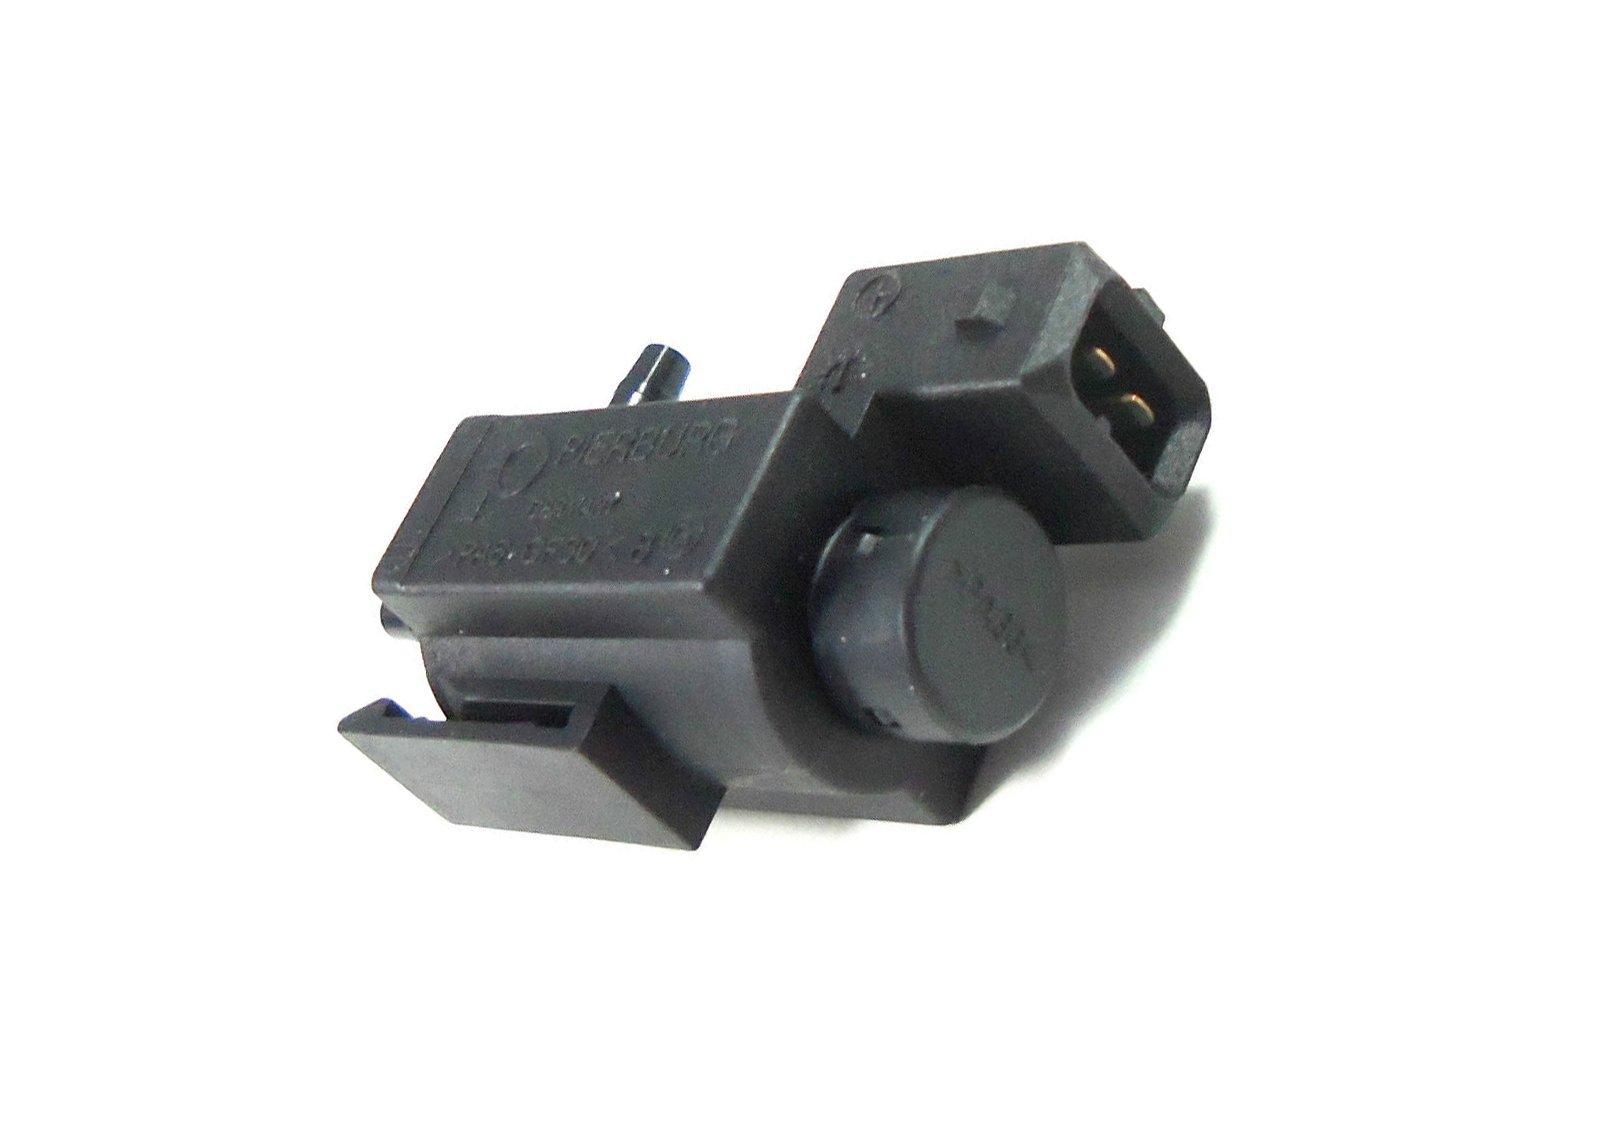 Vacuum Pressure Control Valve 11747810831 1174 781 0831 For BMW MINI E36 E46 X5 E70 E91 R60Z1 E90 by Aobanic